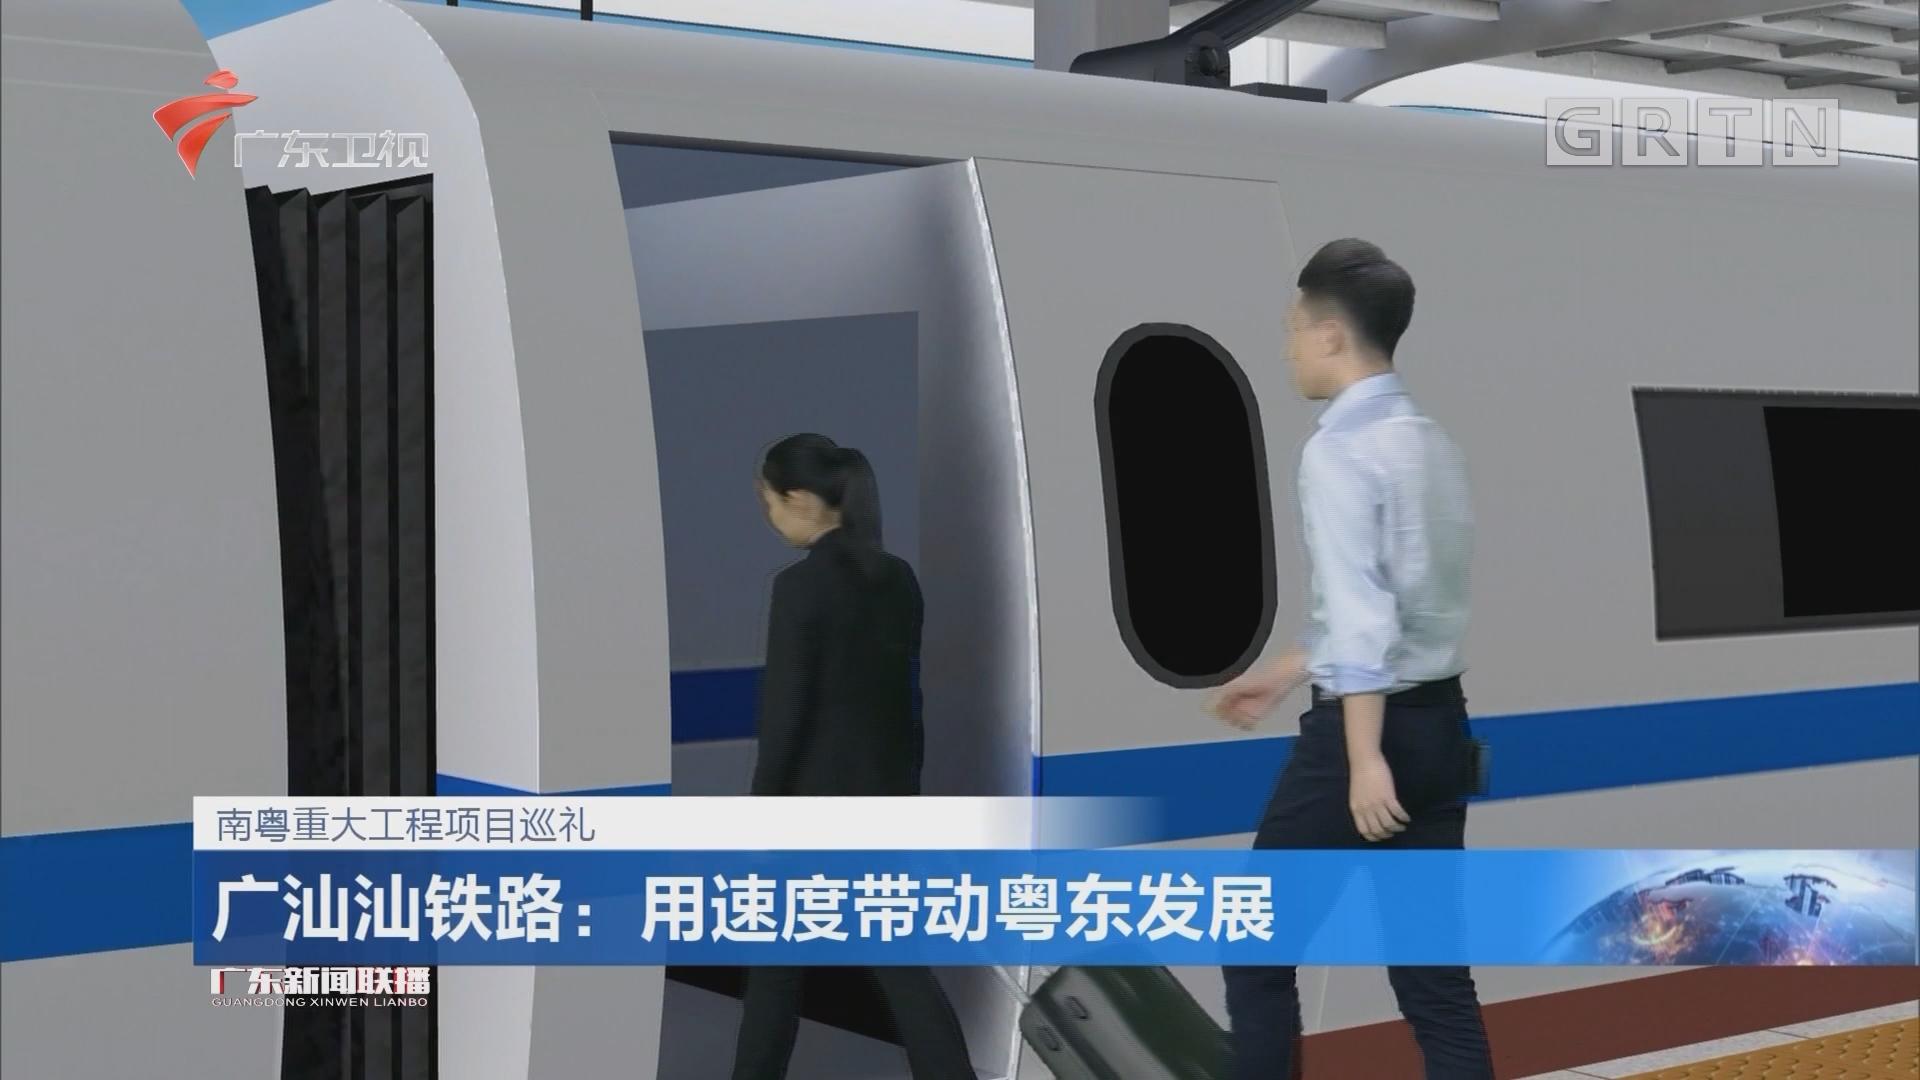 广汕汕铁路:用速度带动粤东发展